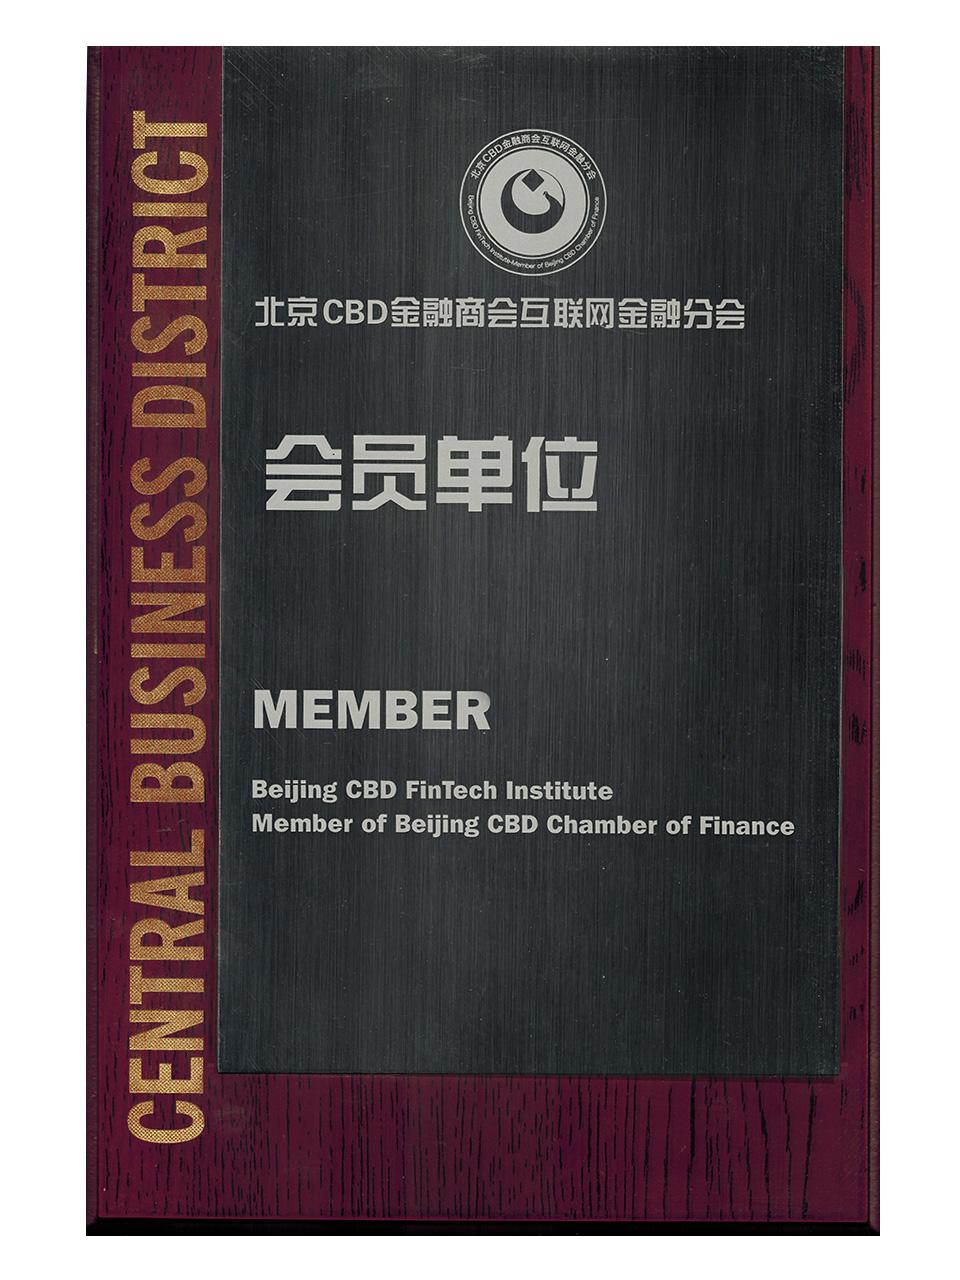 CBD金融商會互聯網金融分會會員